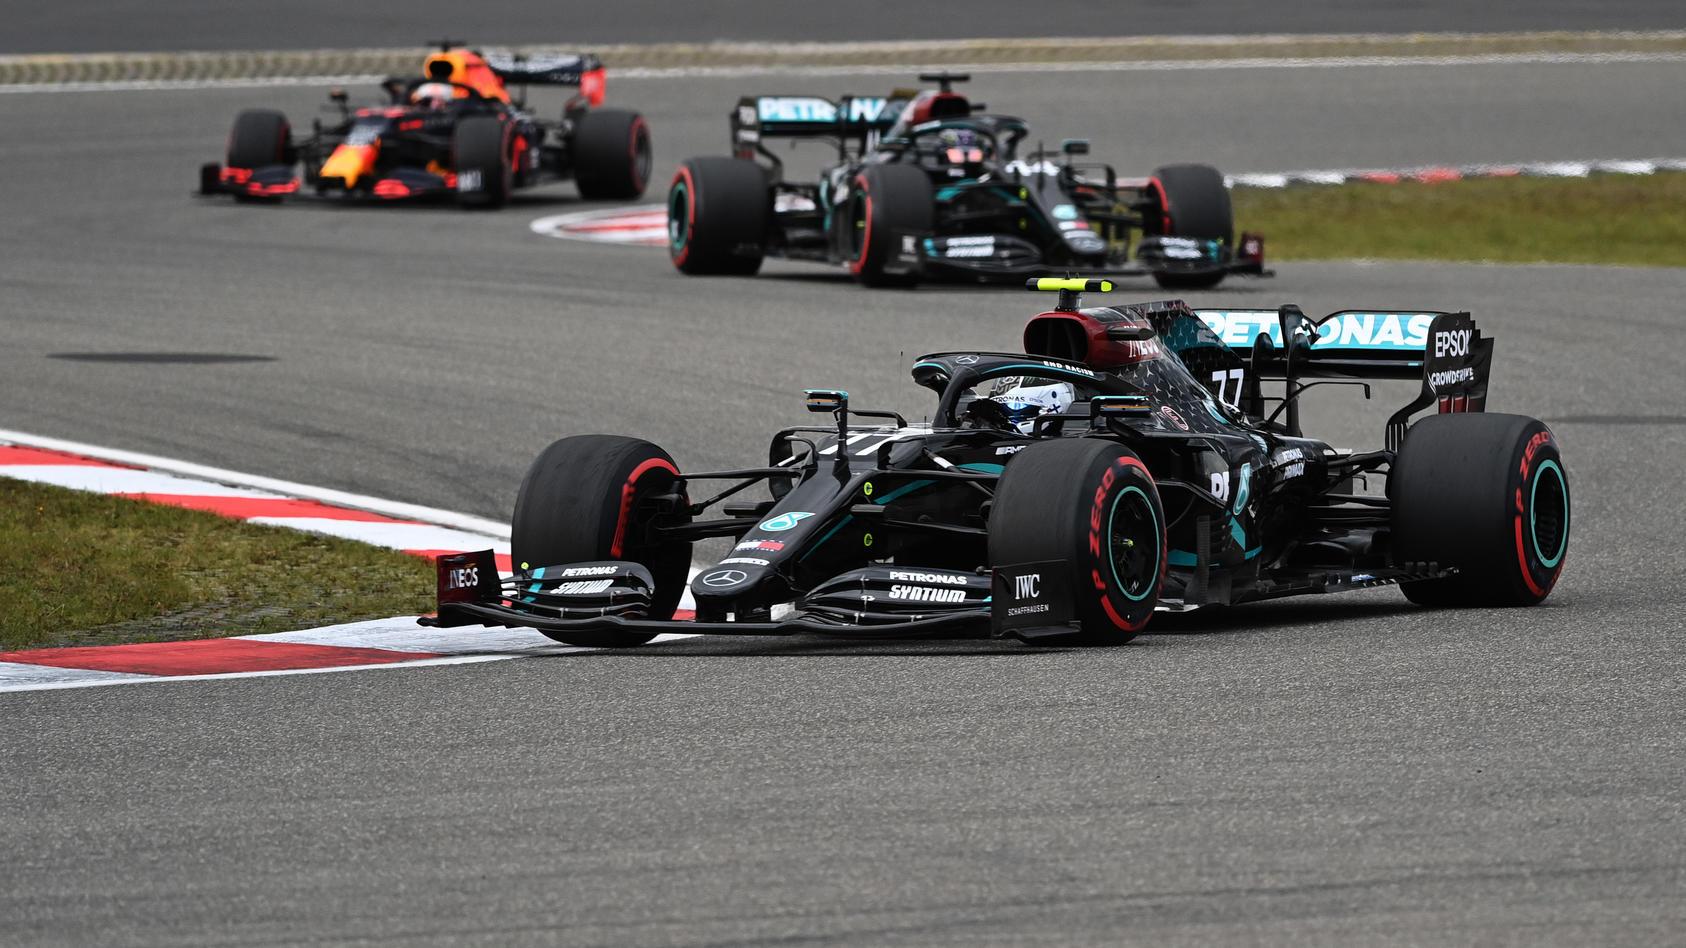 Formel 1 Spiele Kostenlos